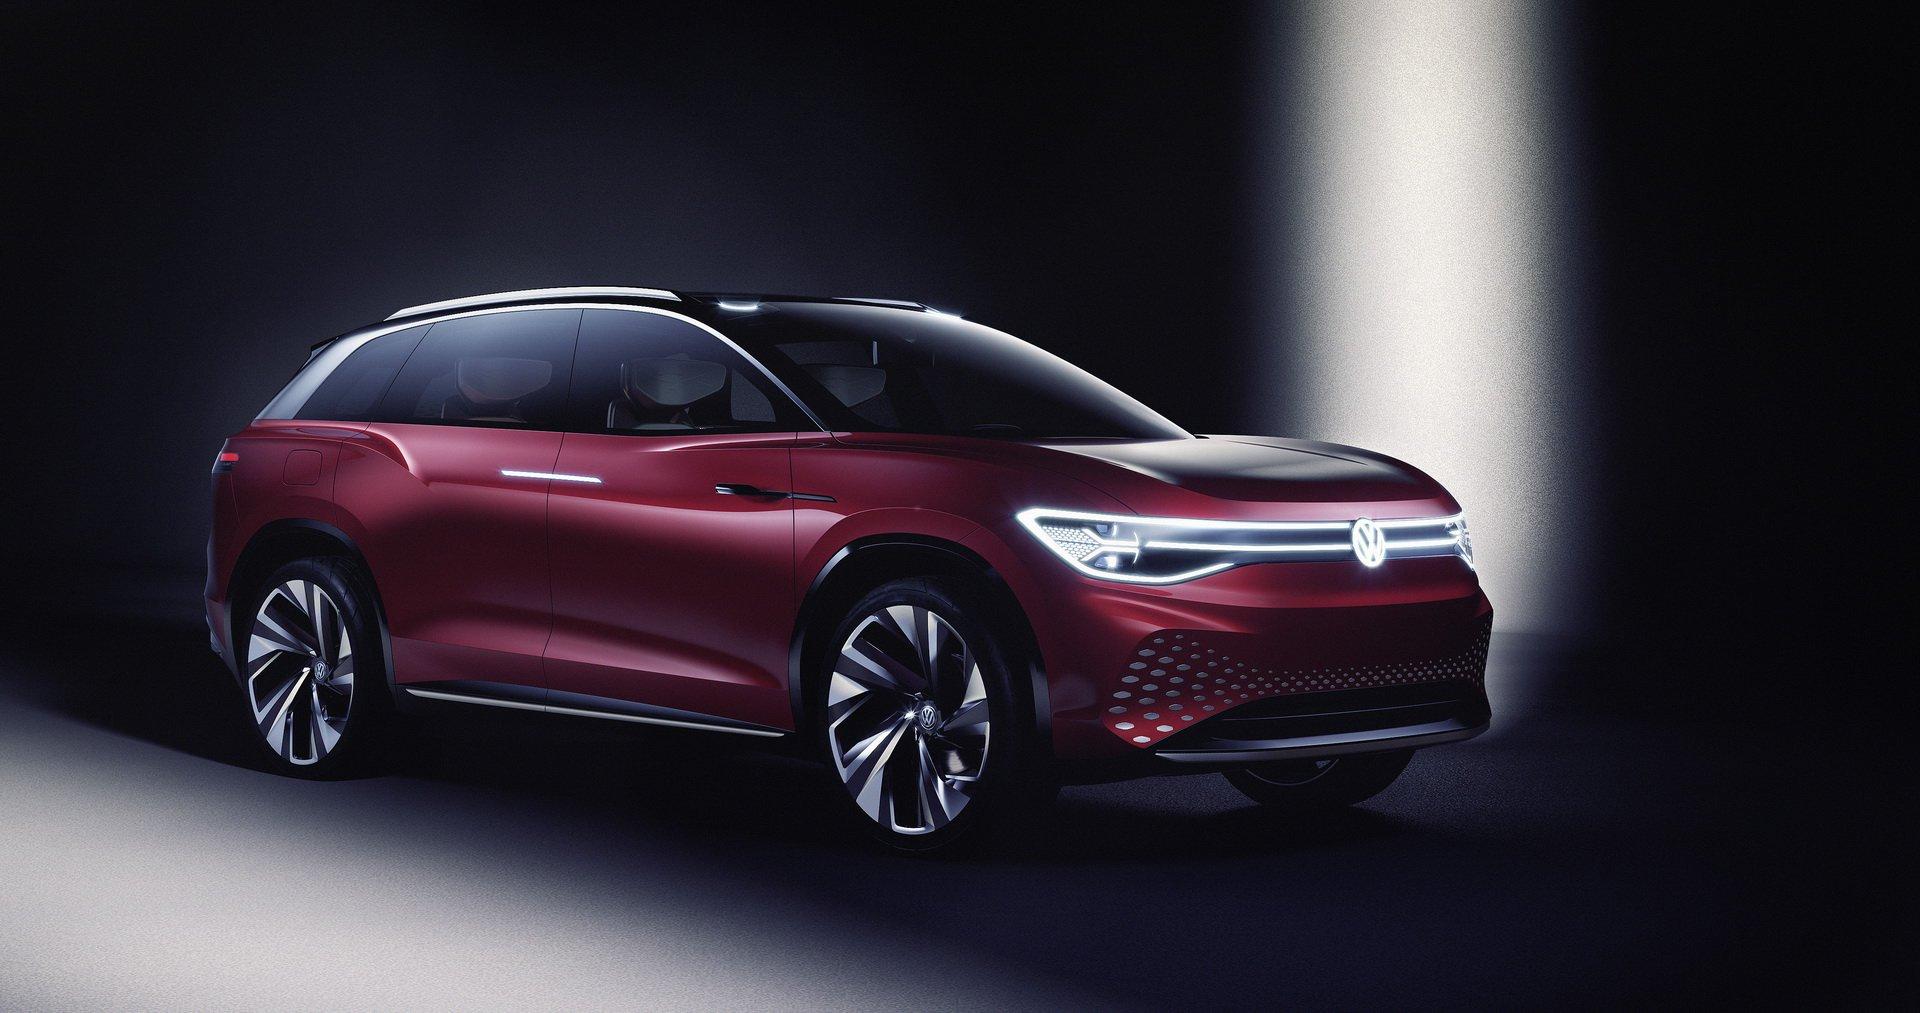 Volkswagen, yeni elektrikli SUV konseptini tanıttı: 302 beygir güç ve 450 km menzil